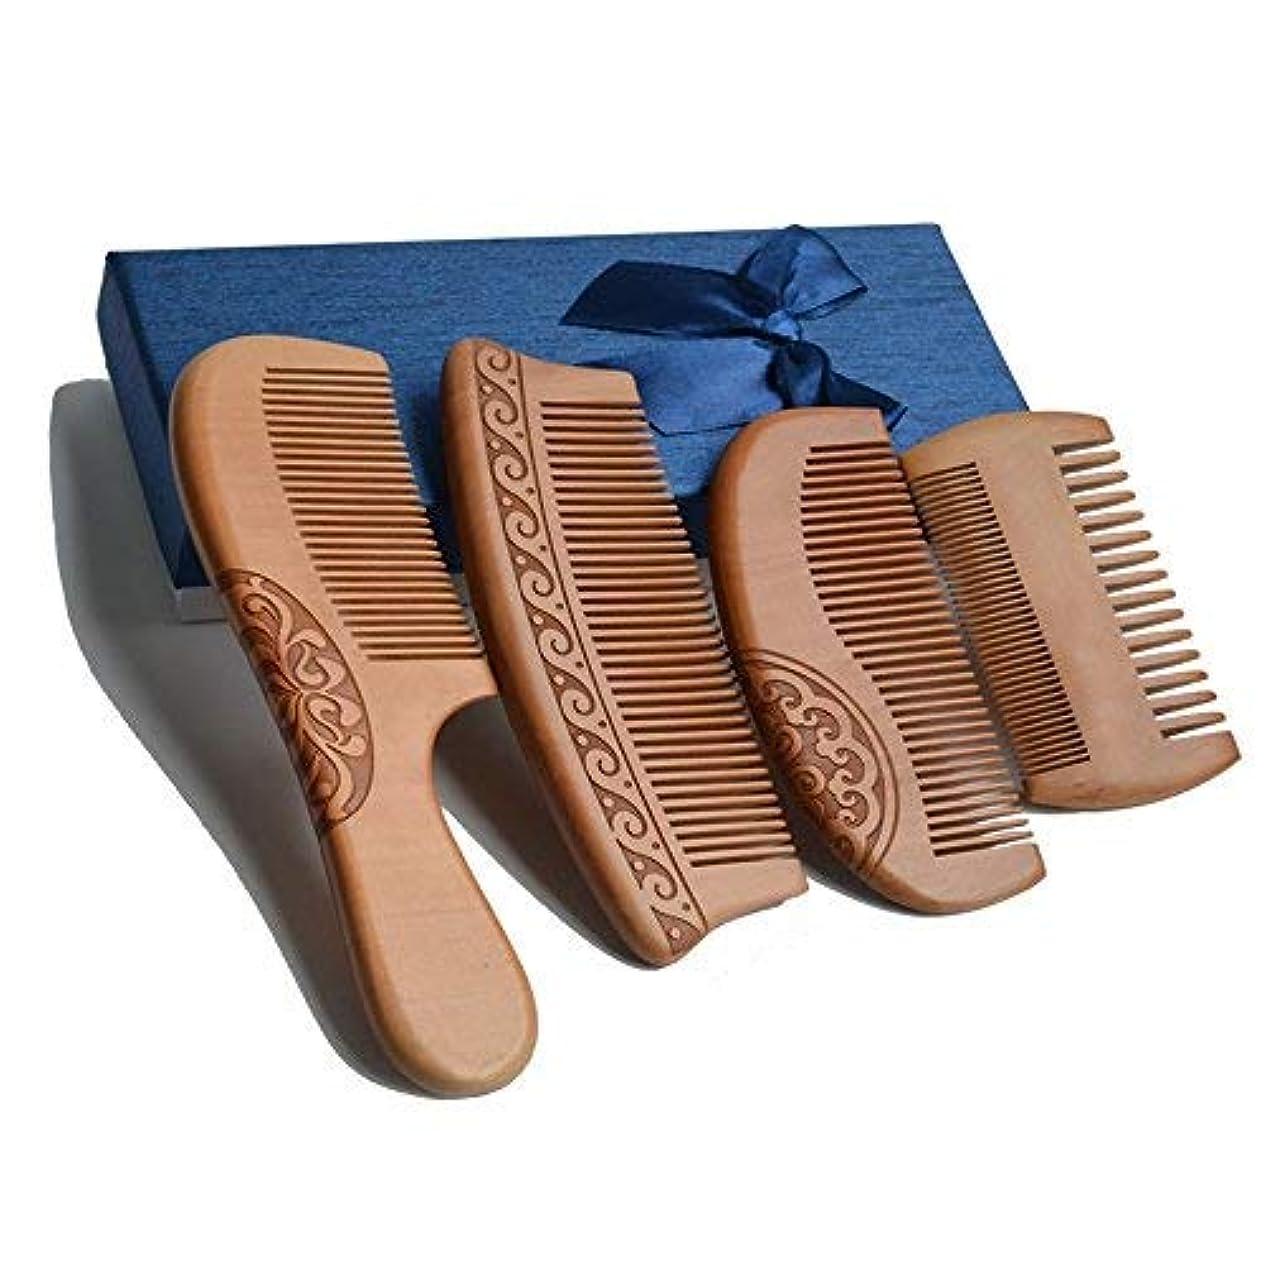 非行排除する歴史的4Pcs Wooden Hair Comb No Static Hair Detangler Detangling Comb with Premium Gift Box [並行輸入品]